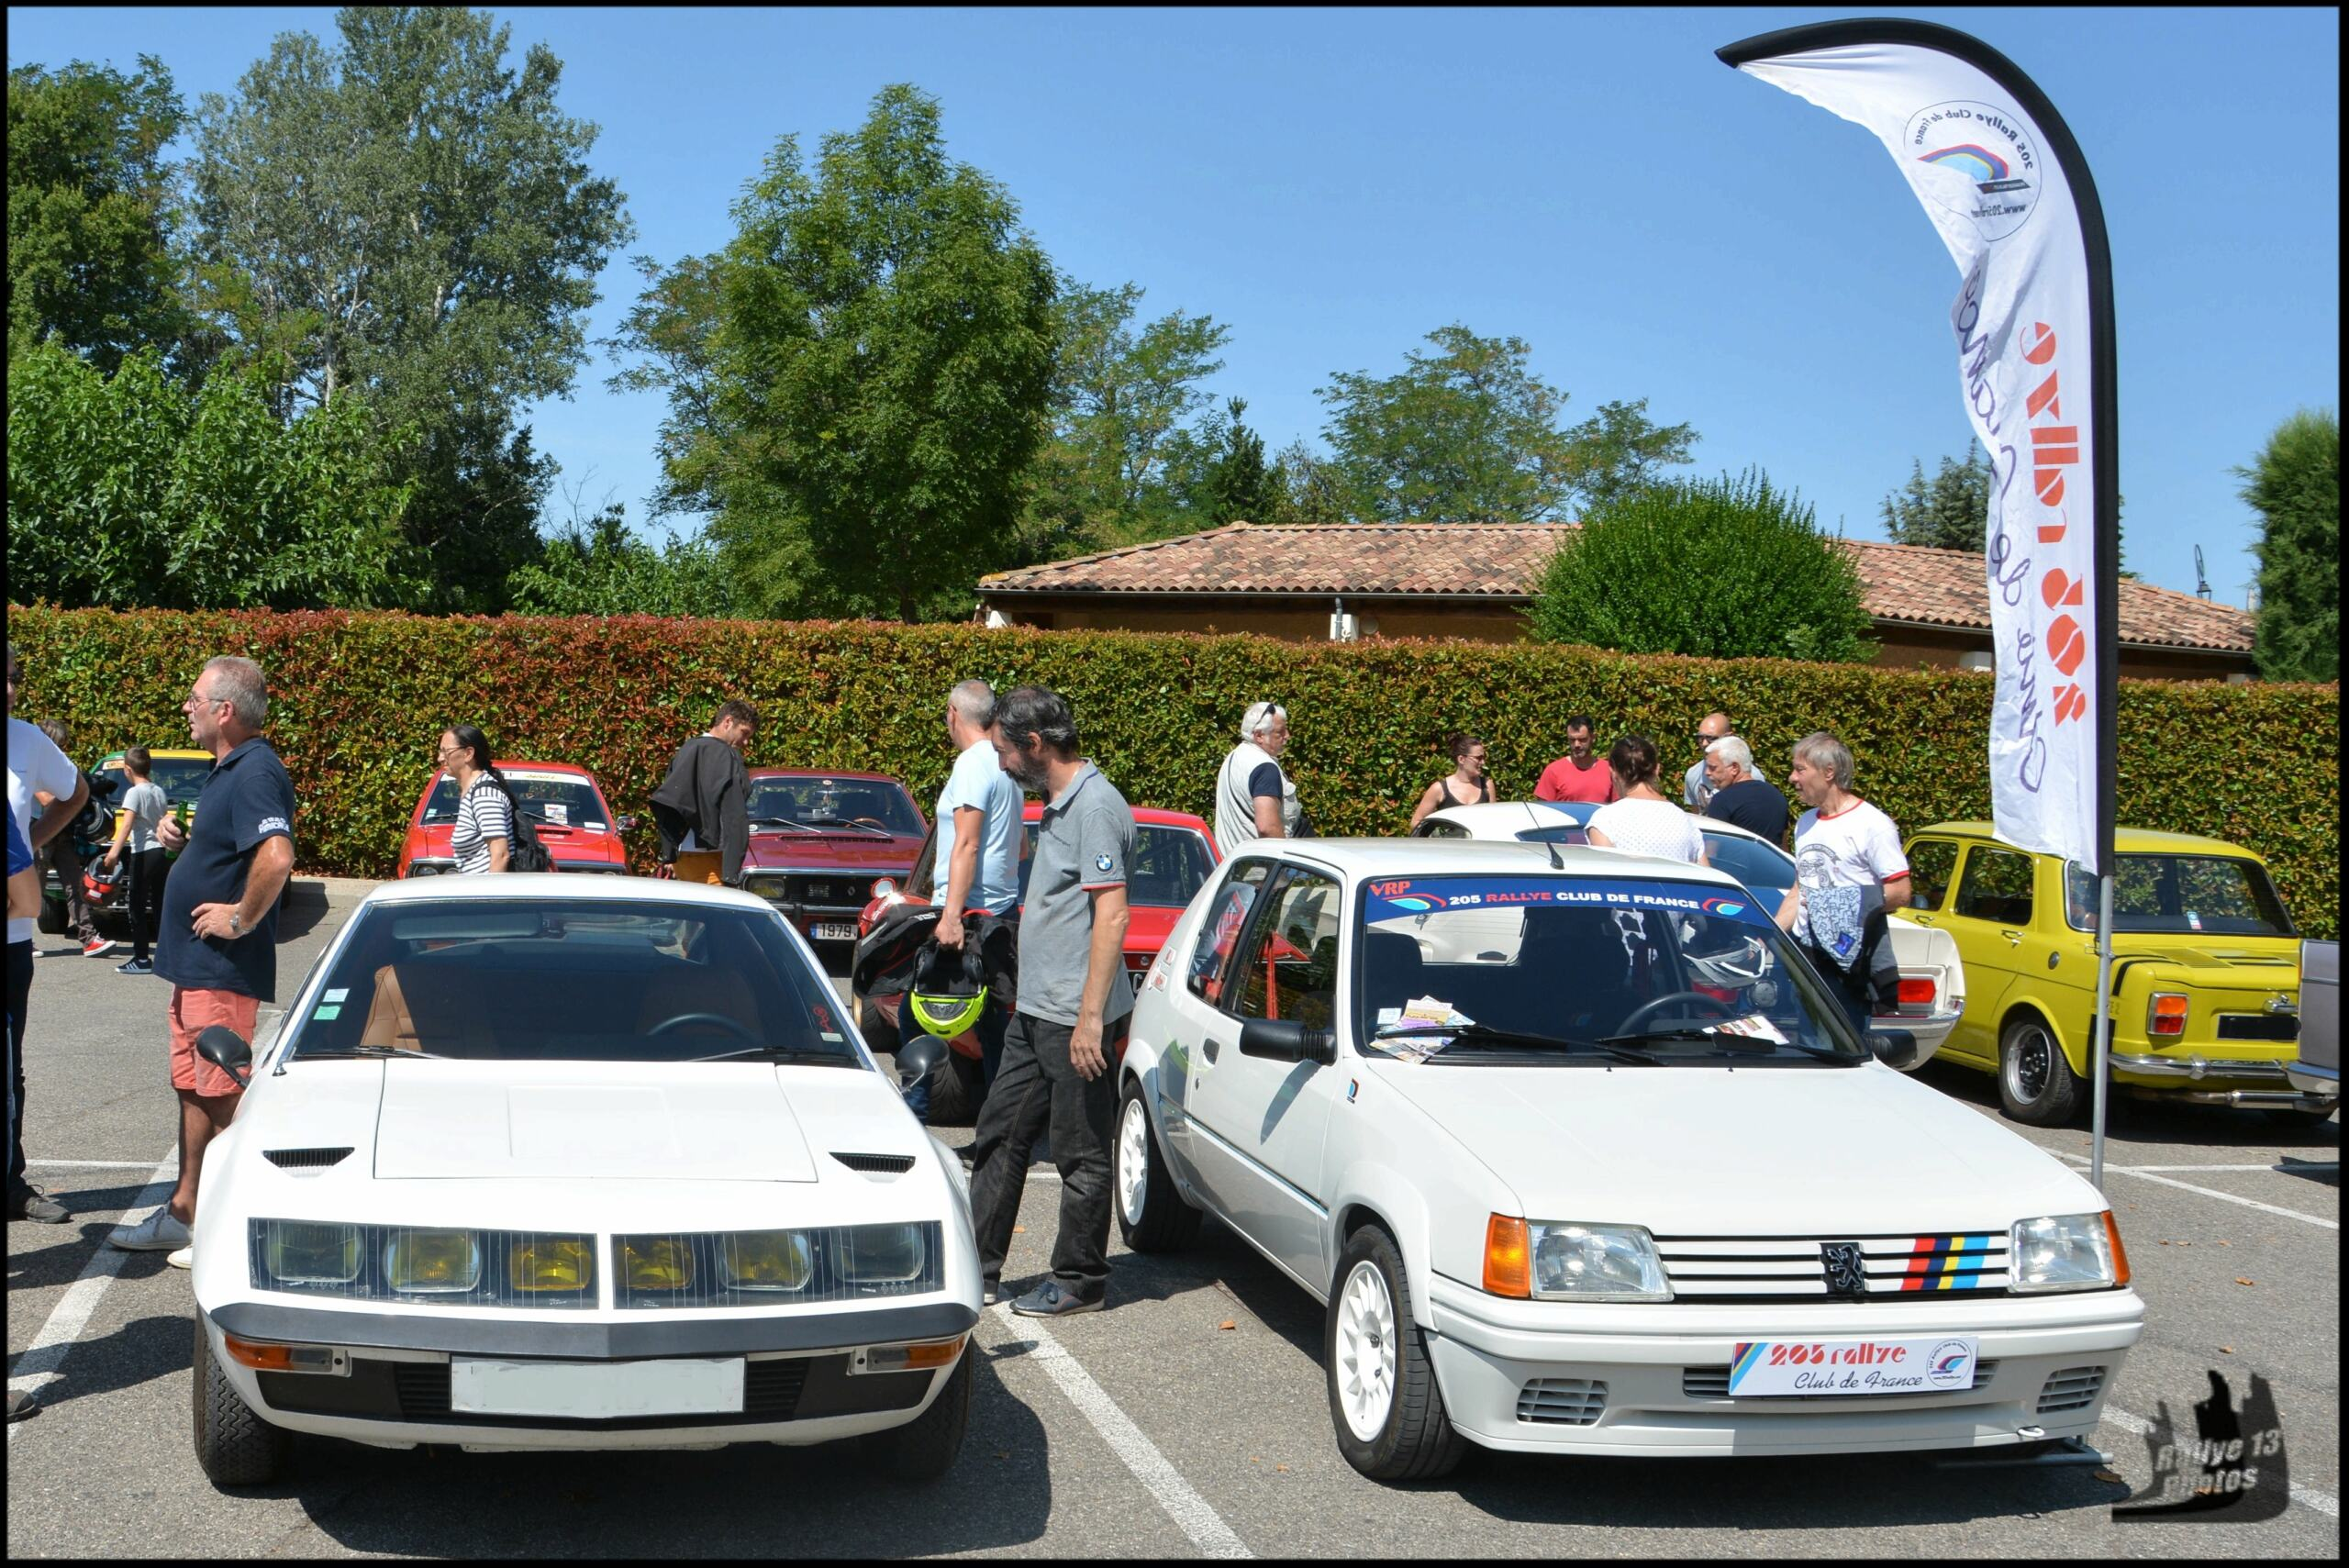 [jean-luc13] 205 Rallye Blanc Meije 1989 - Page 29 Dsc_6210